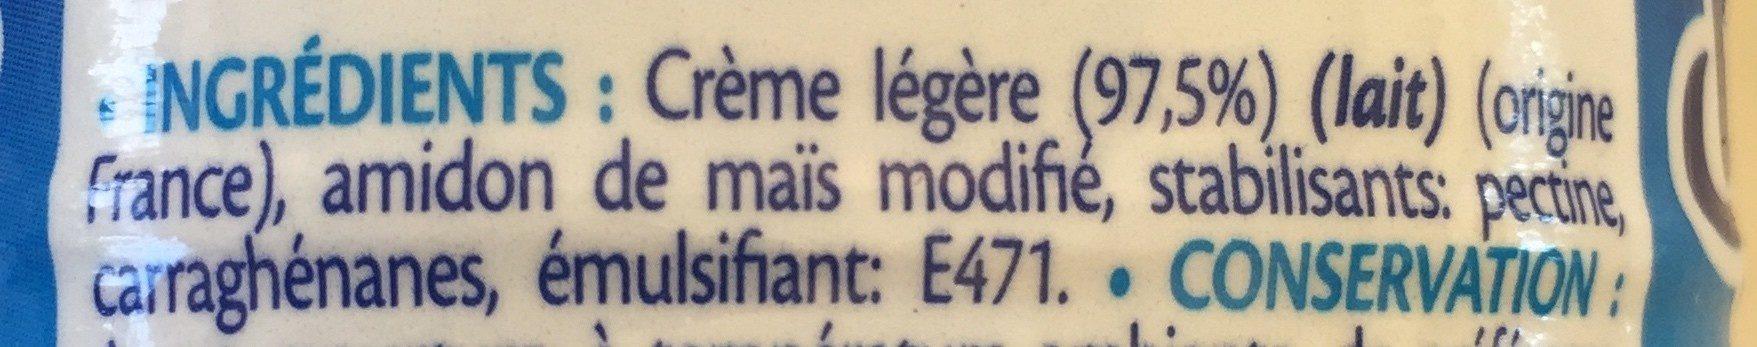 Crème légère - Ingrediënten